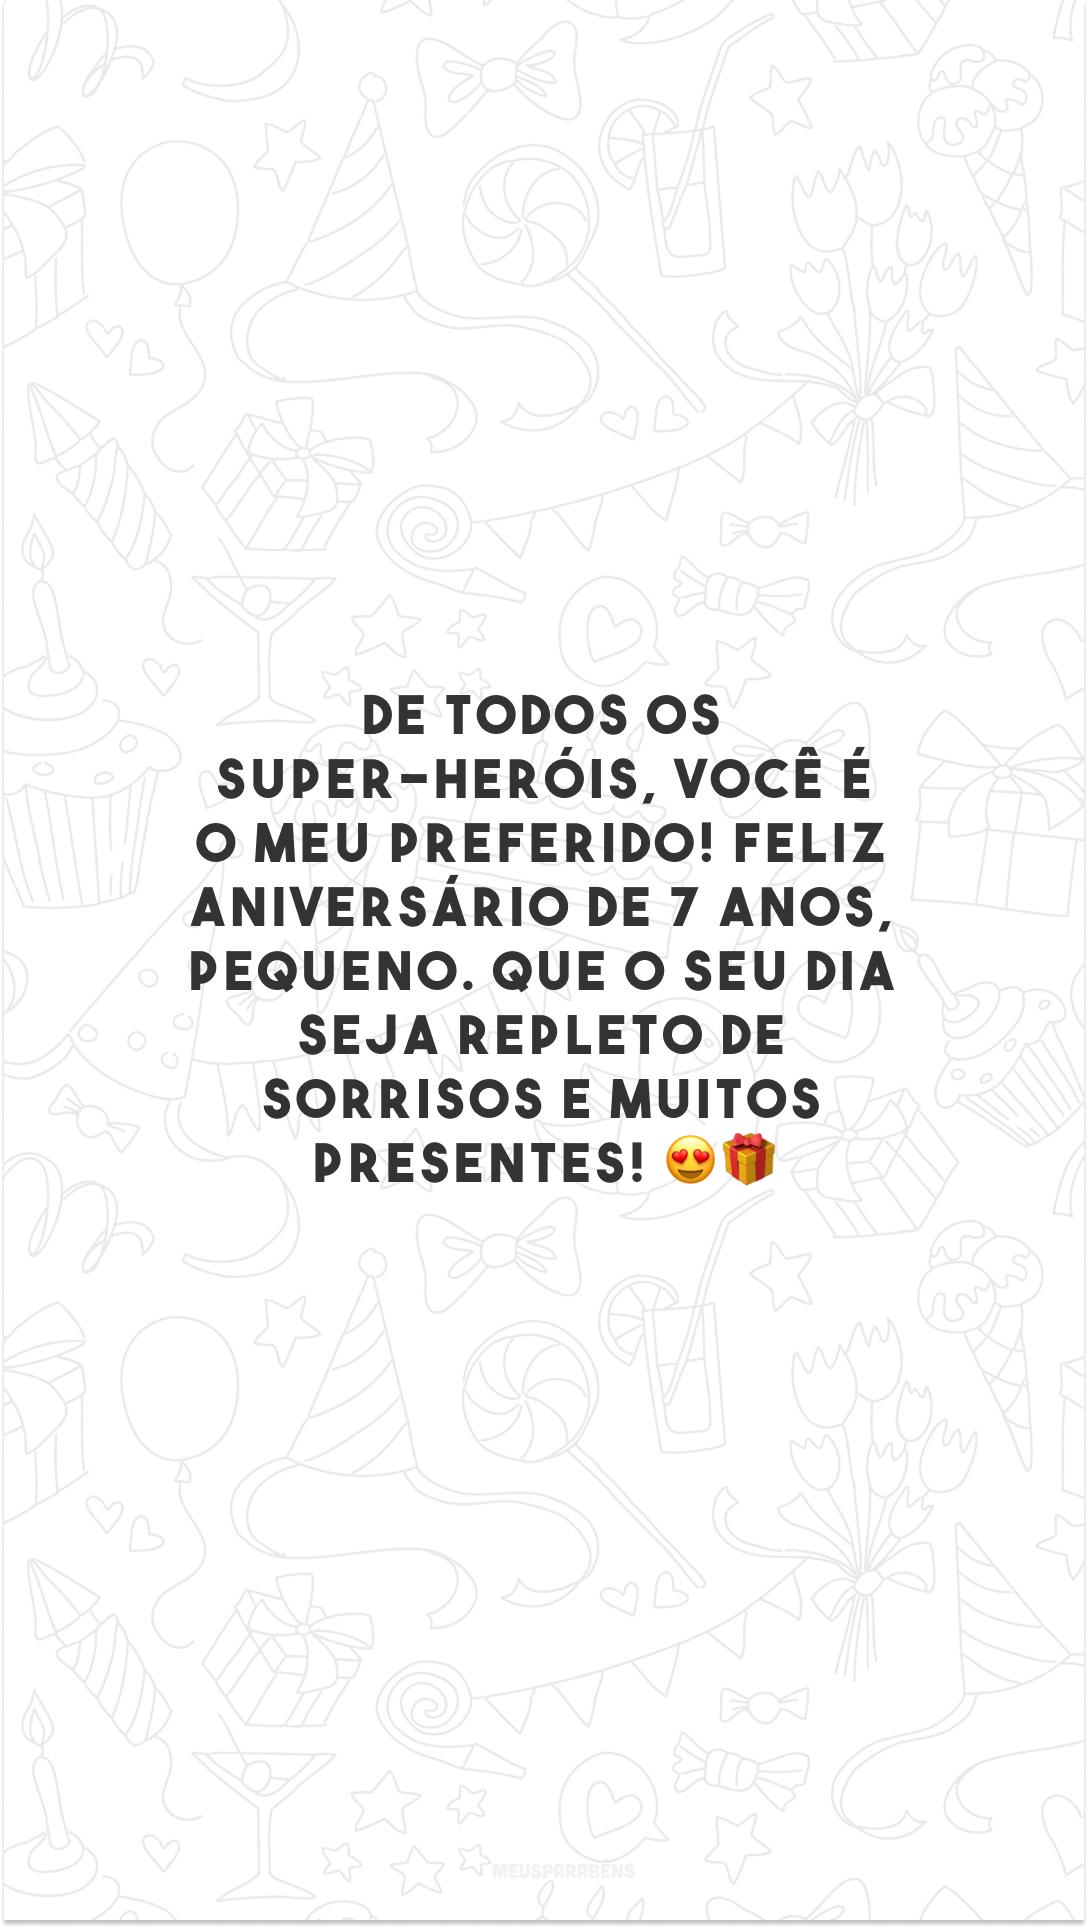 De todos os super-heróis, você é o meu preferido! Feliz aniversário de 7 anos, pequeno. Que o seu dia seja repleto de sorrisos e muitos presentes! 😍🎁